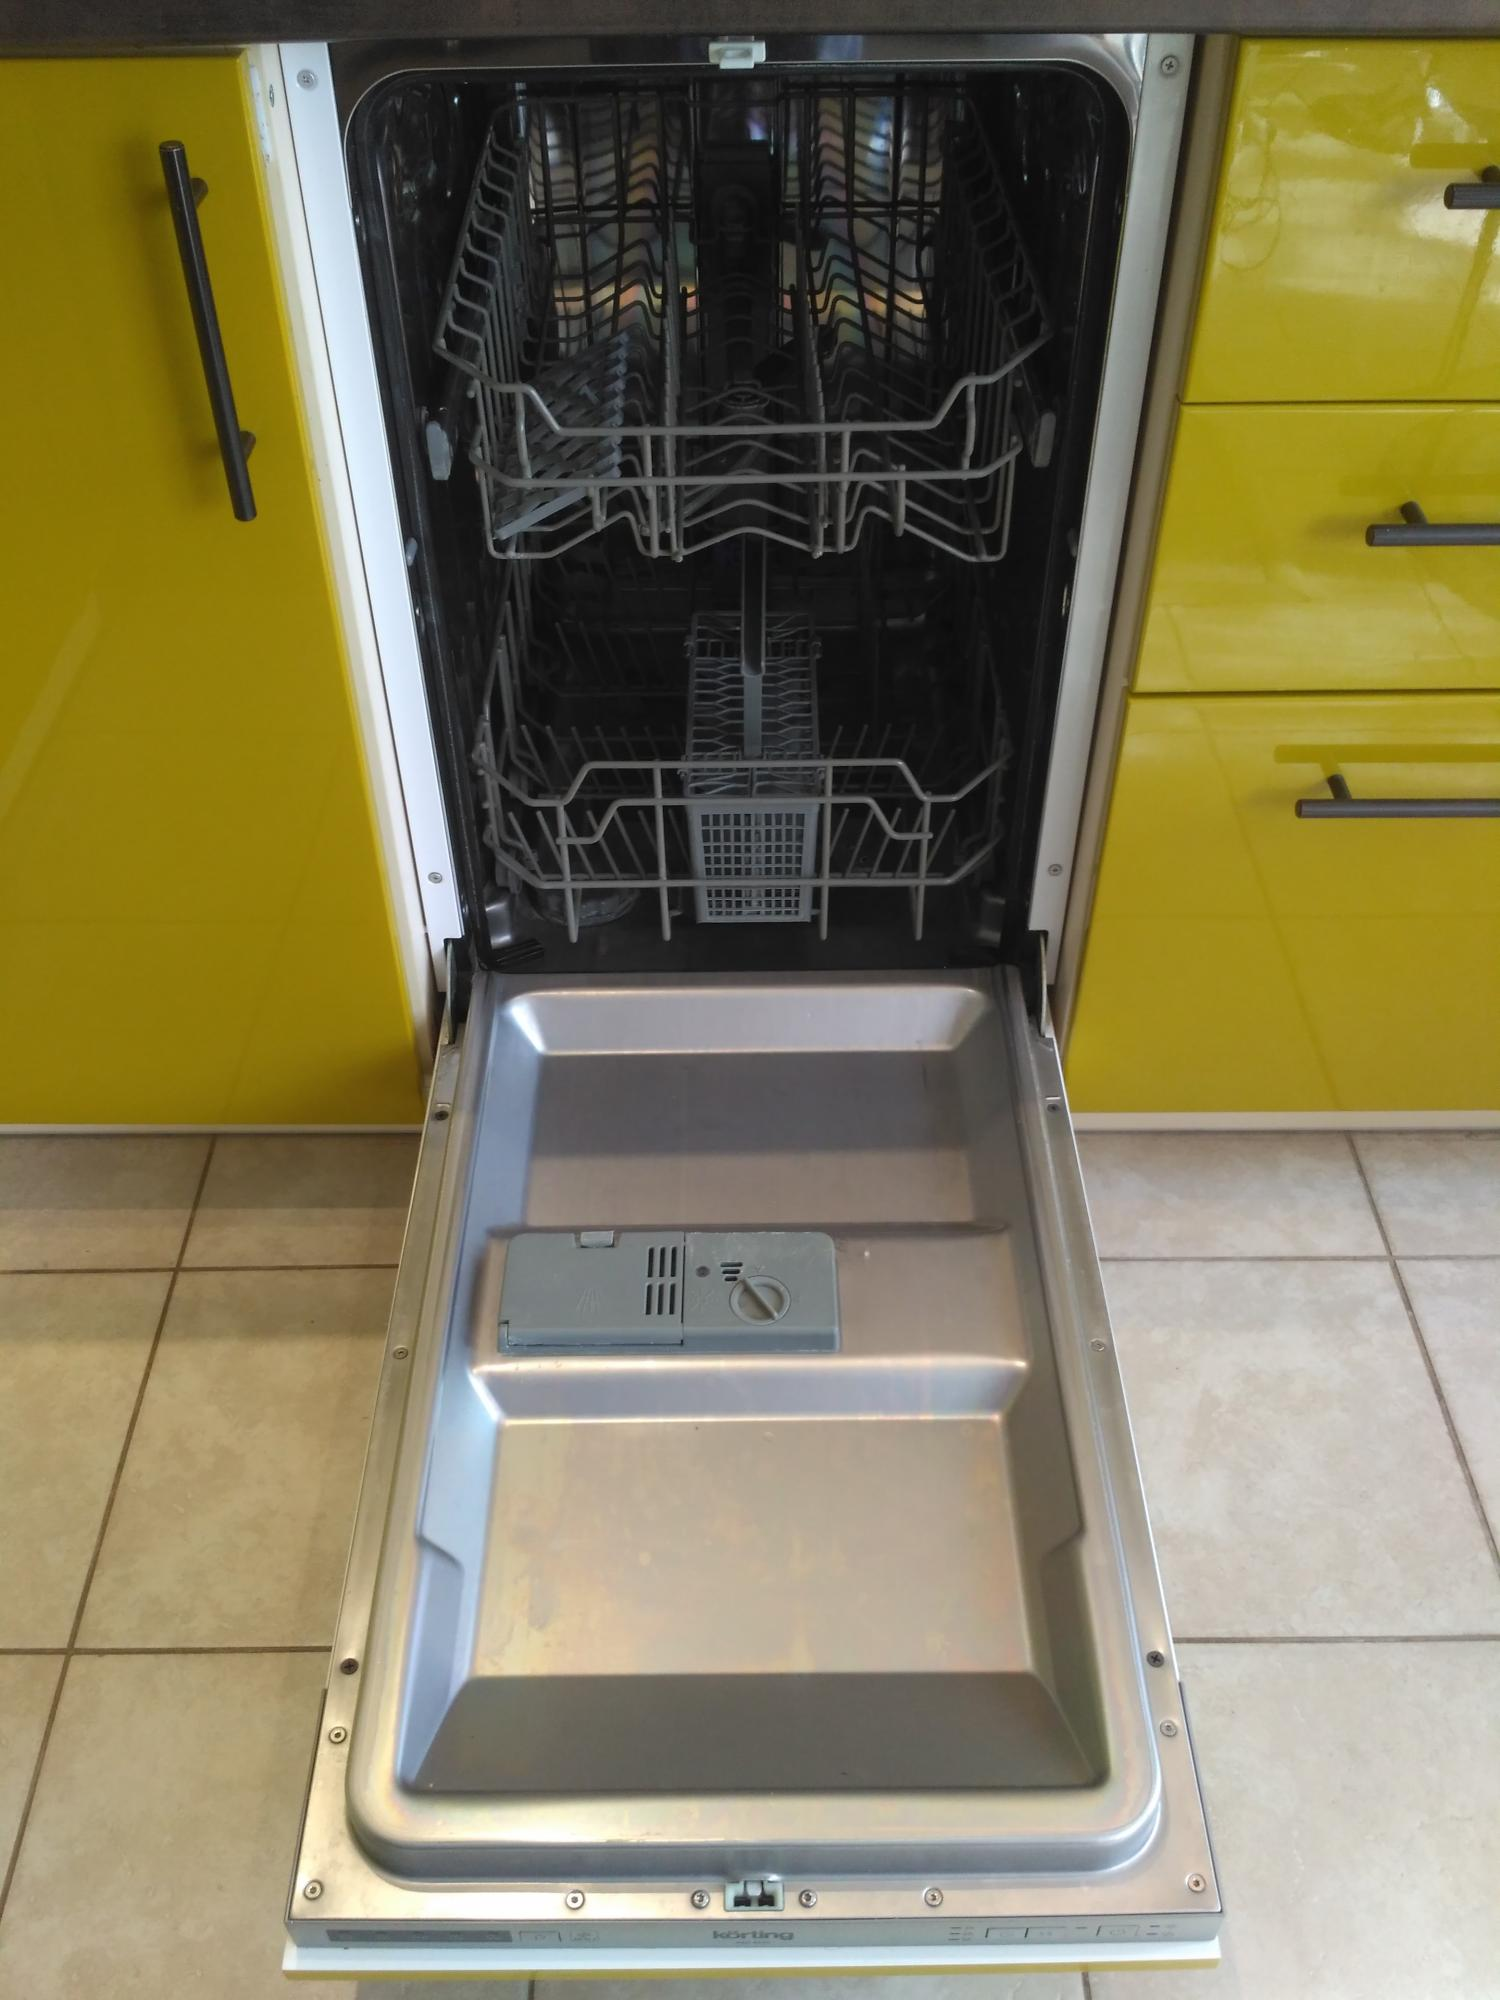 Посудомоечная машина б/у KORTING KDI 4540 в Красногорске 89161167010 купить 1